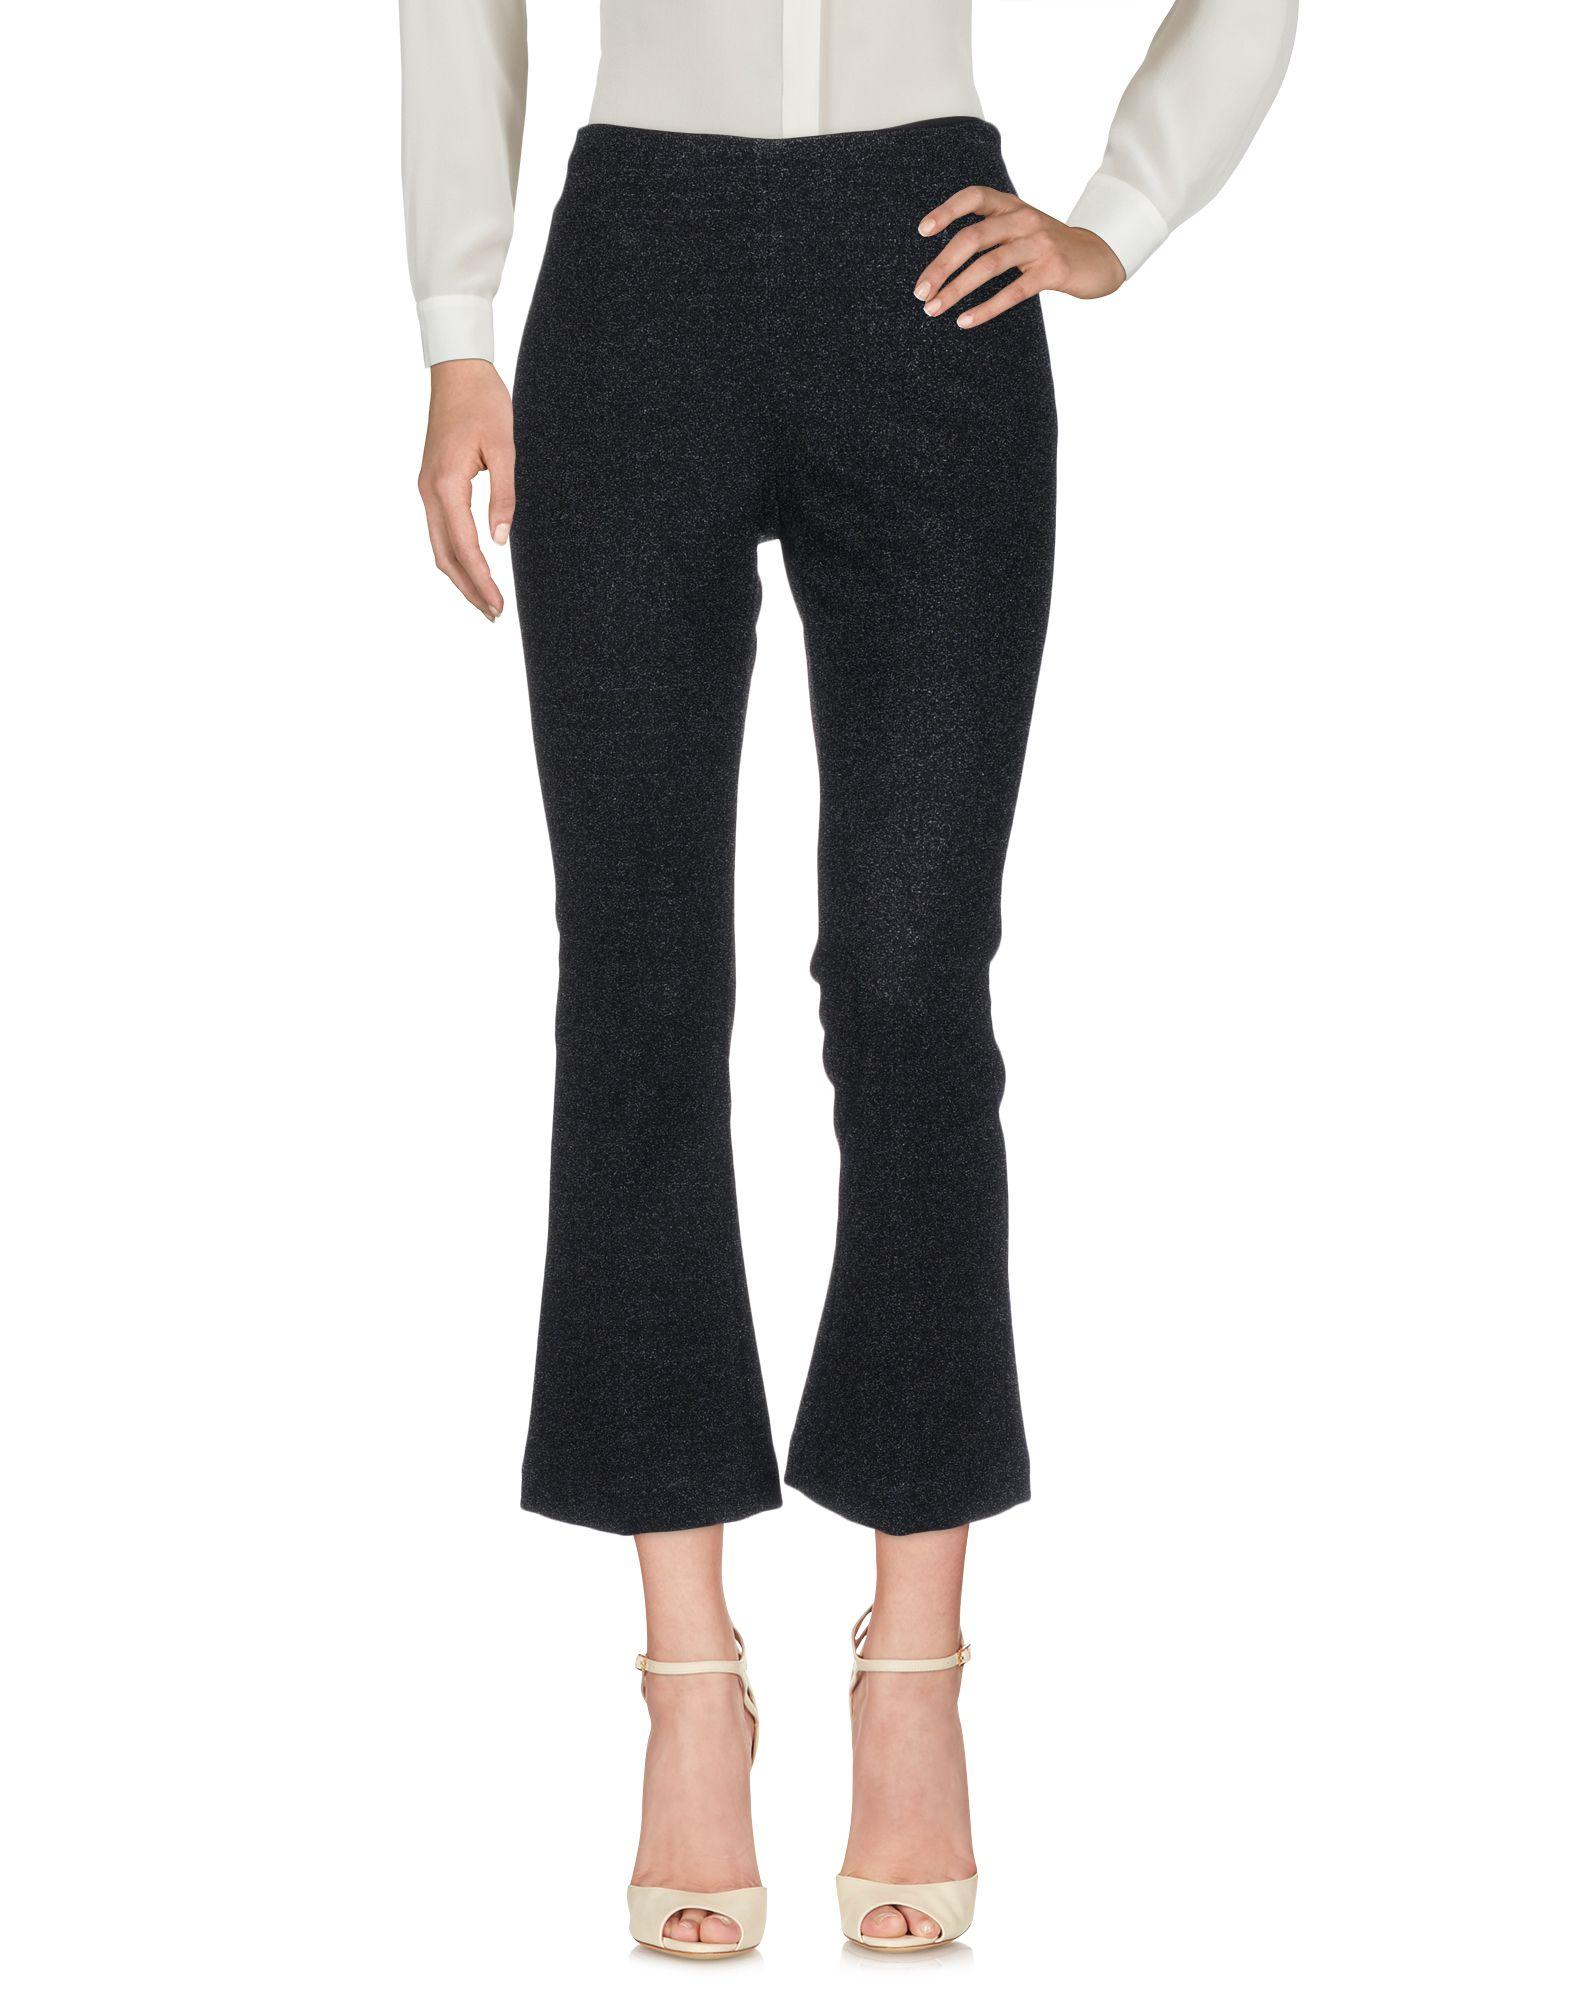 Pantalone .Tessa Donna - Acquista online su a0ULVwPB